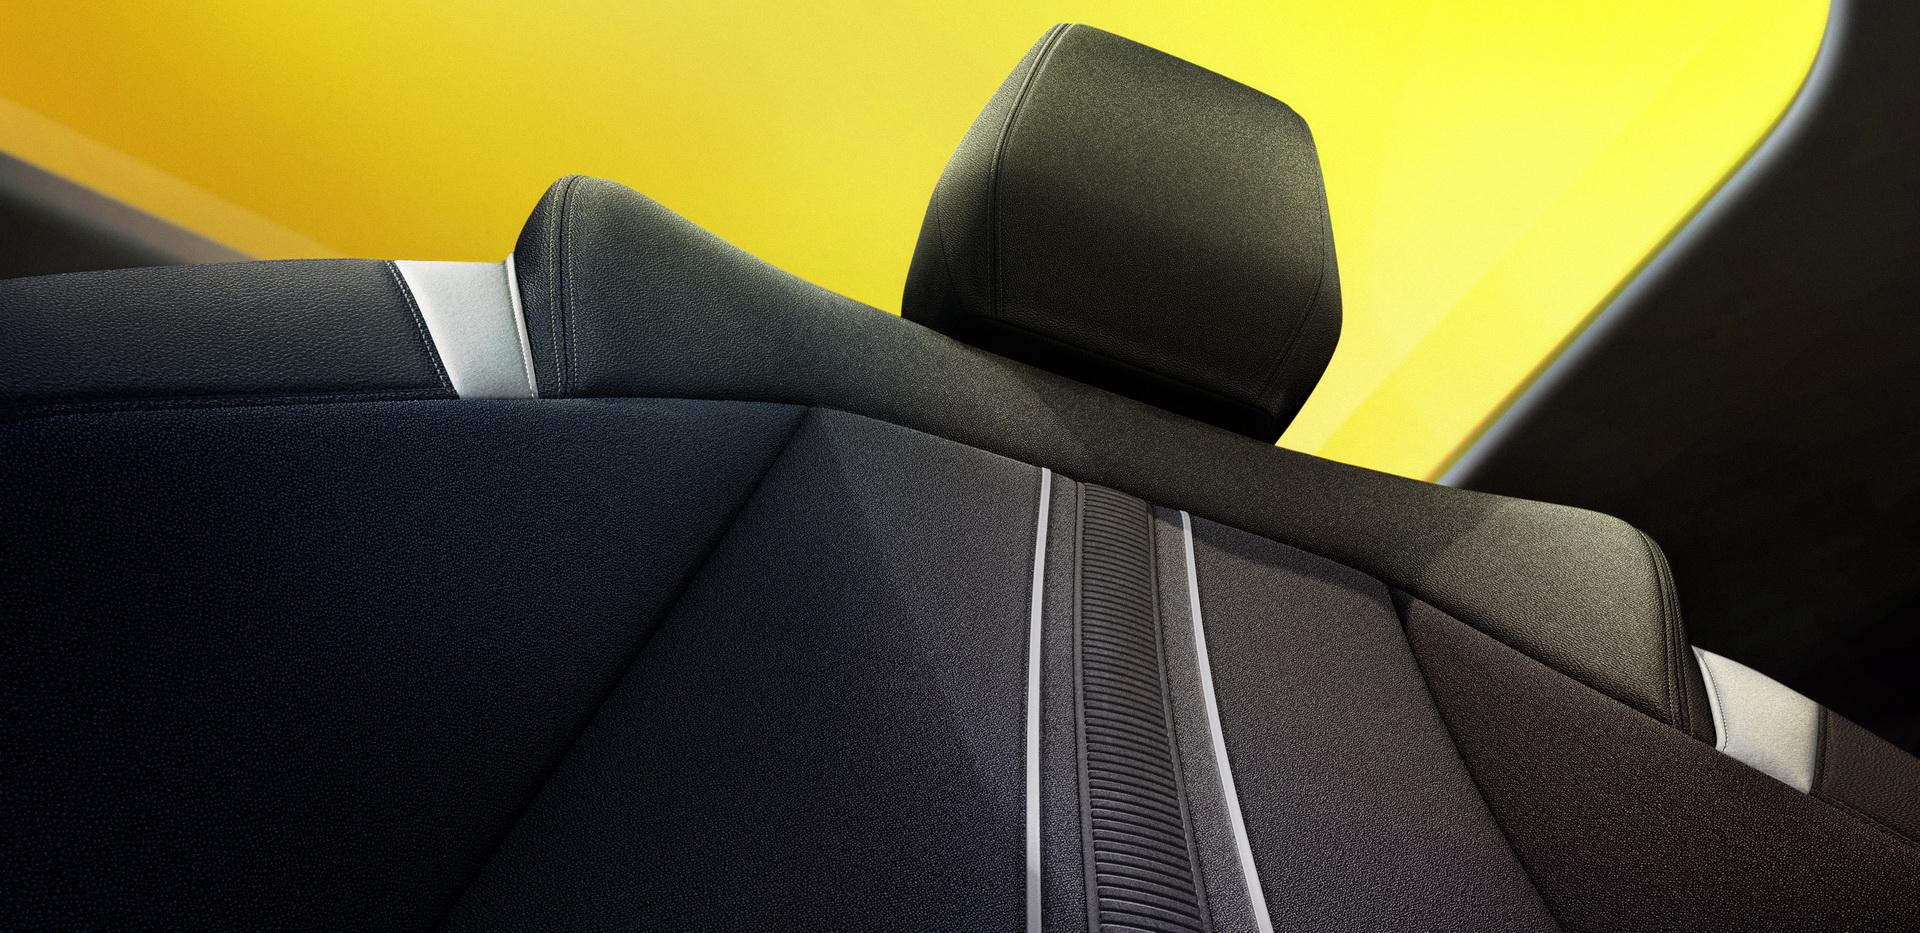 Yeni 2022 Opel Astra'nın tasarımından ilk ipuçları geldi!